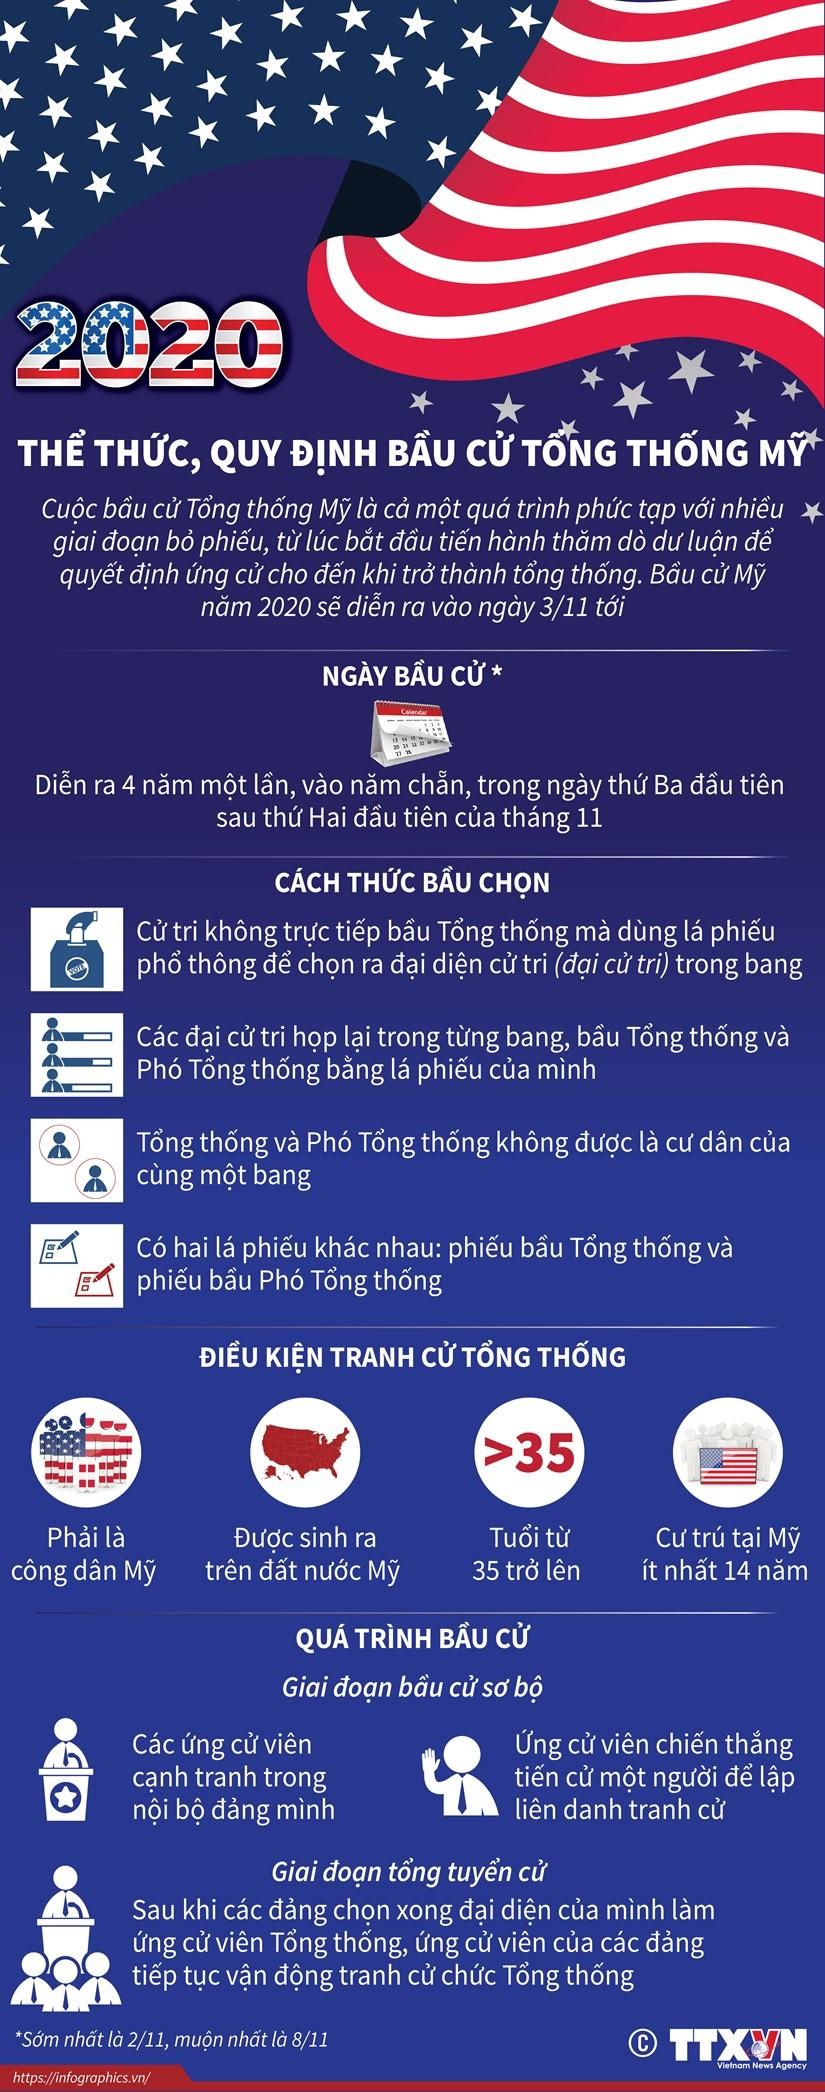 Thể thức và quy định bầu cử Tổng thống Mỹ ảnh 1